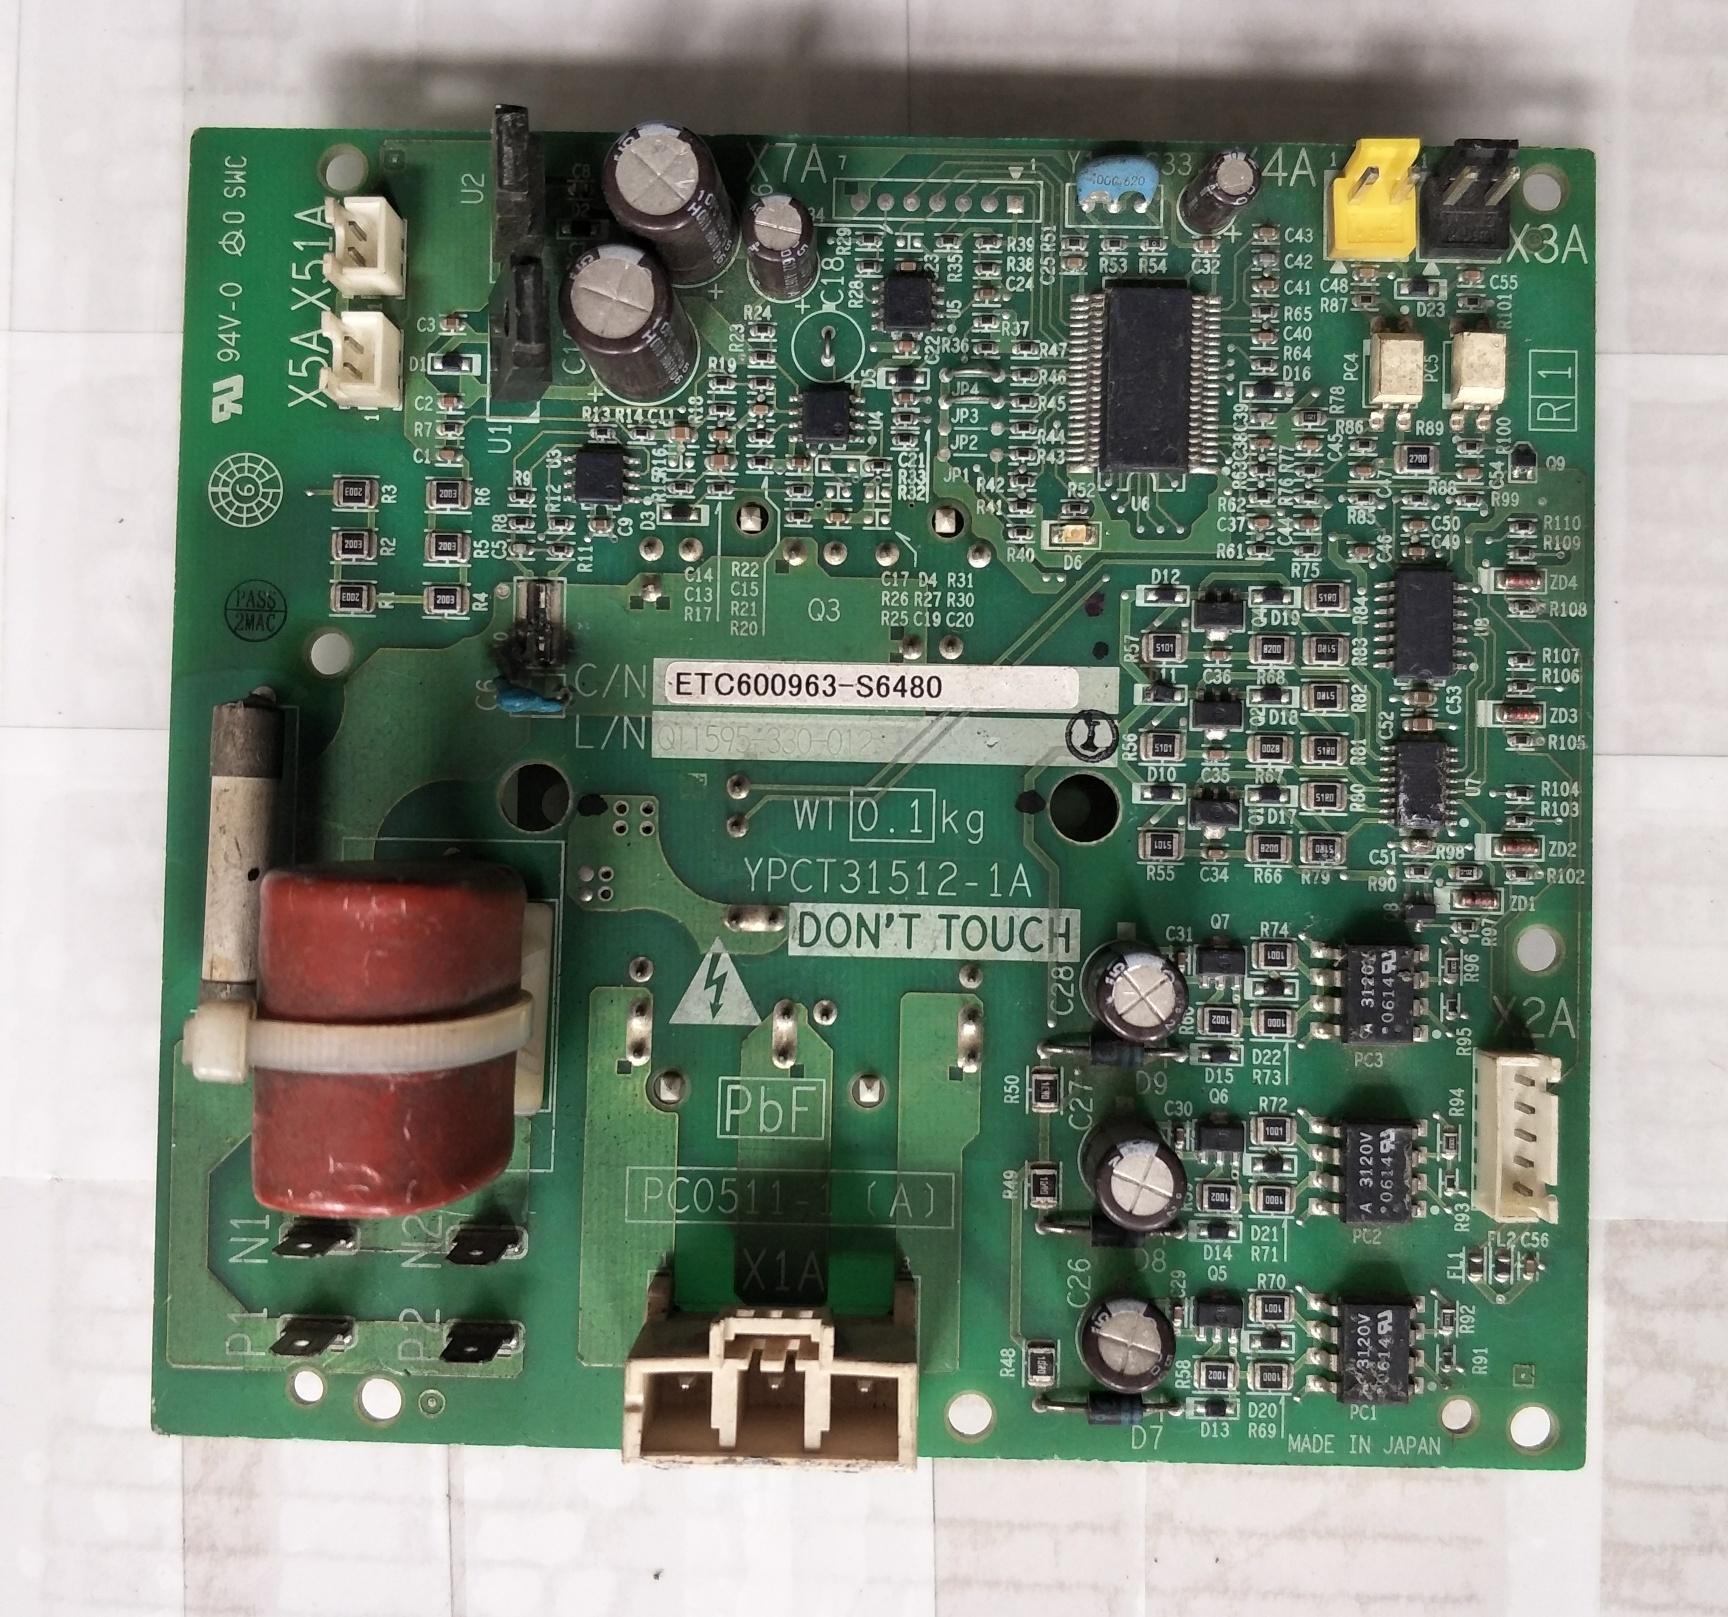 ez a modul RHXYQ8PY1 ventilátor (a) PC0511-1 nagy légkondicionáló 变频 ventilátor modul